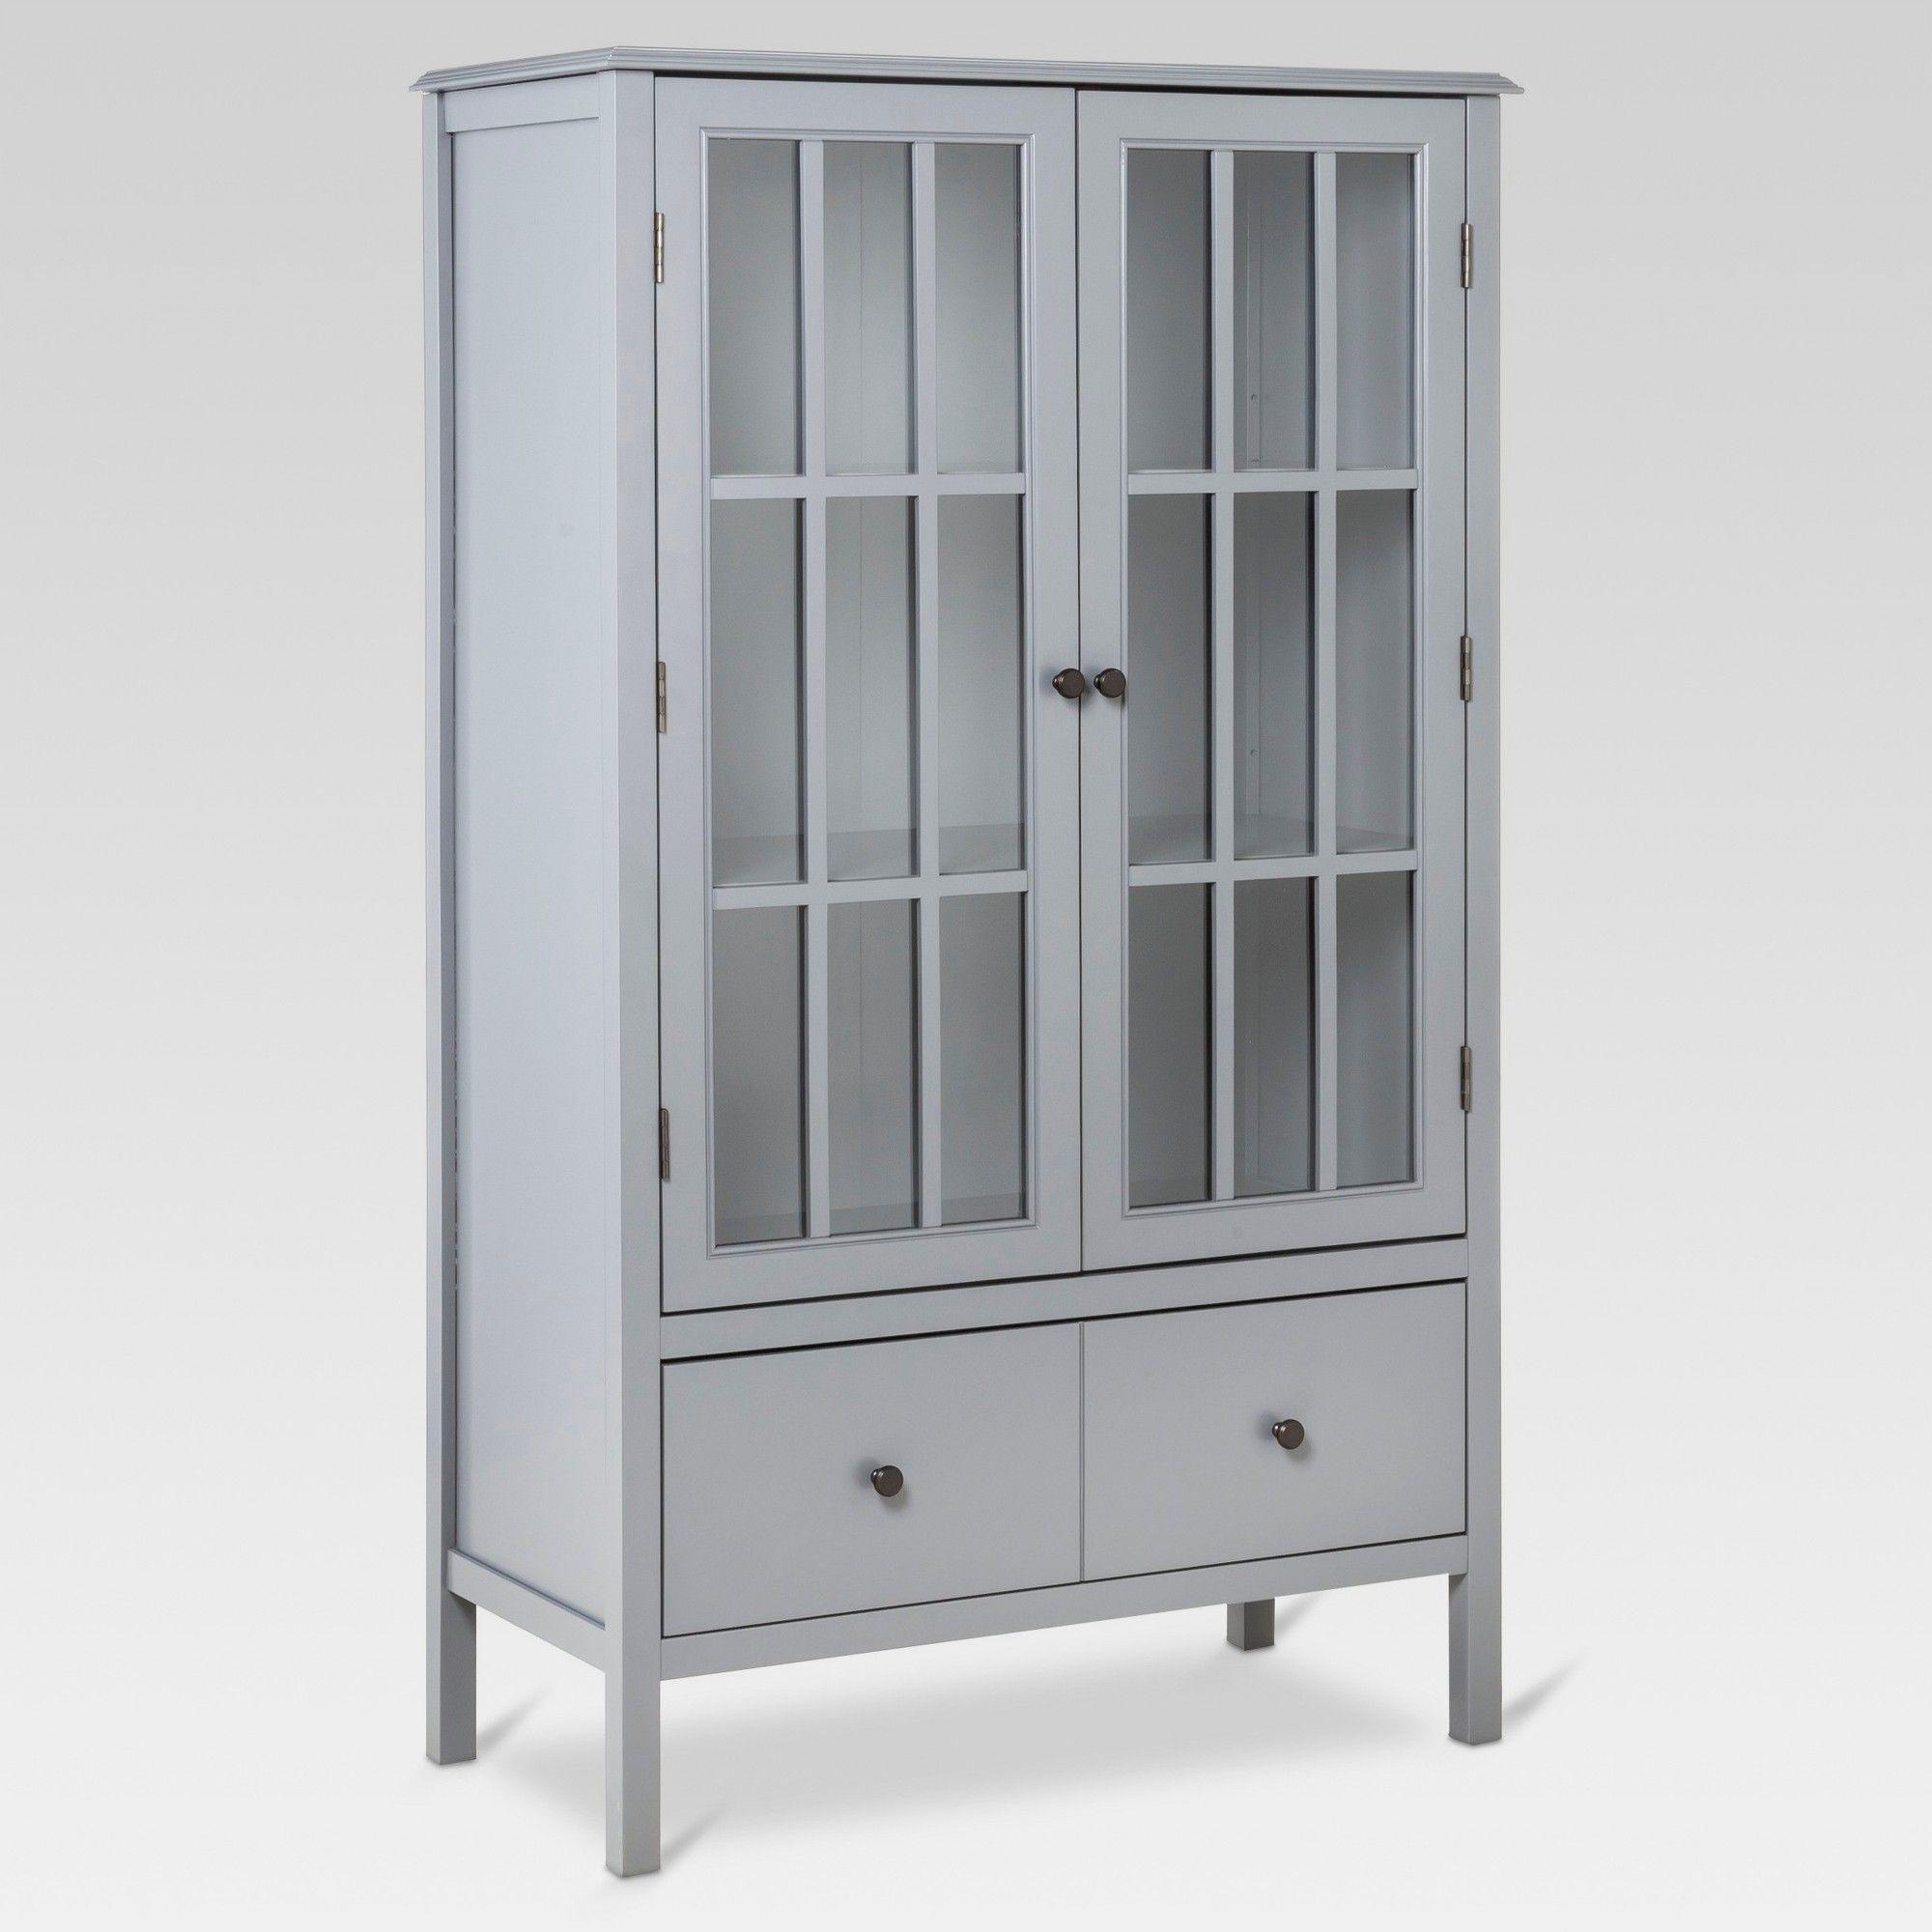 Raumideen über küchenschränken windham tall storage cabinet with drawer gray  threshold in